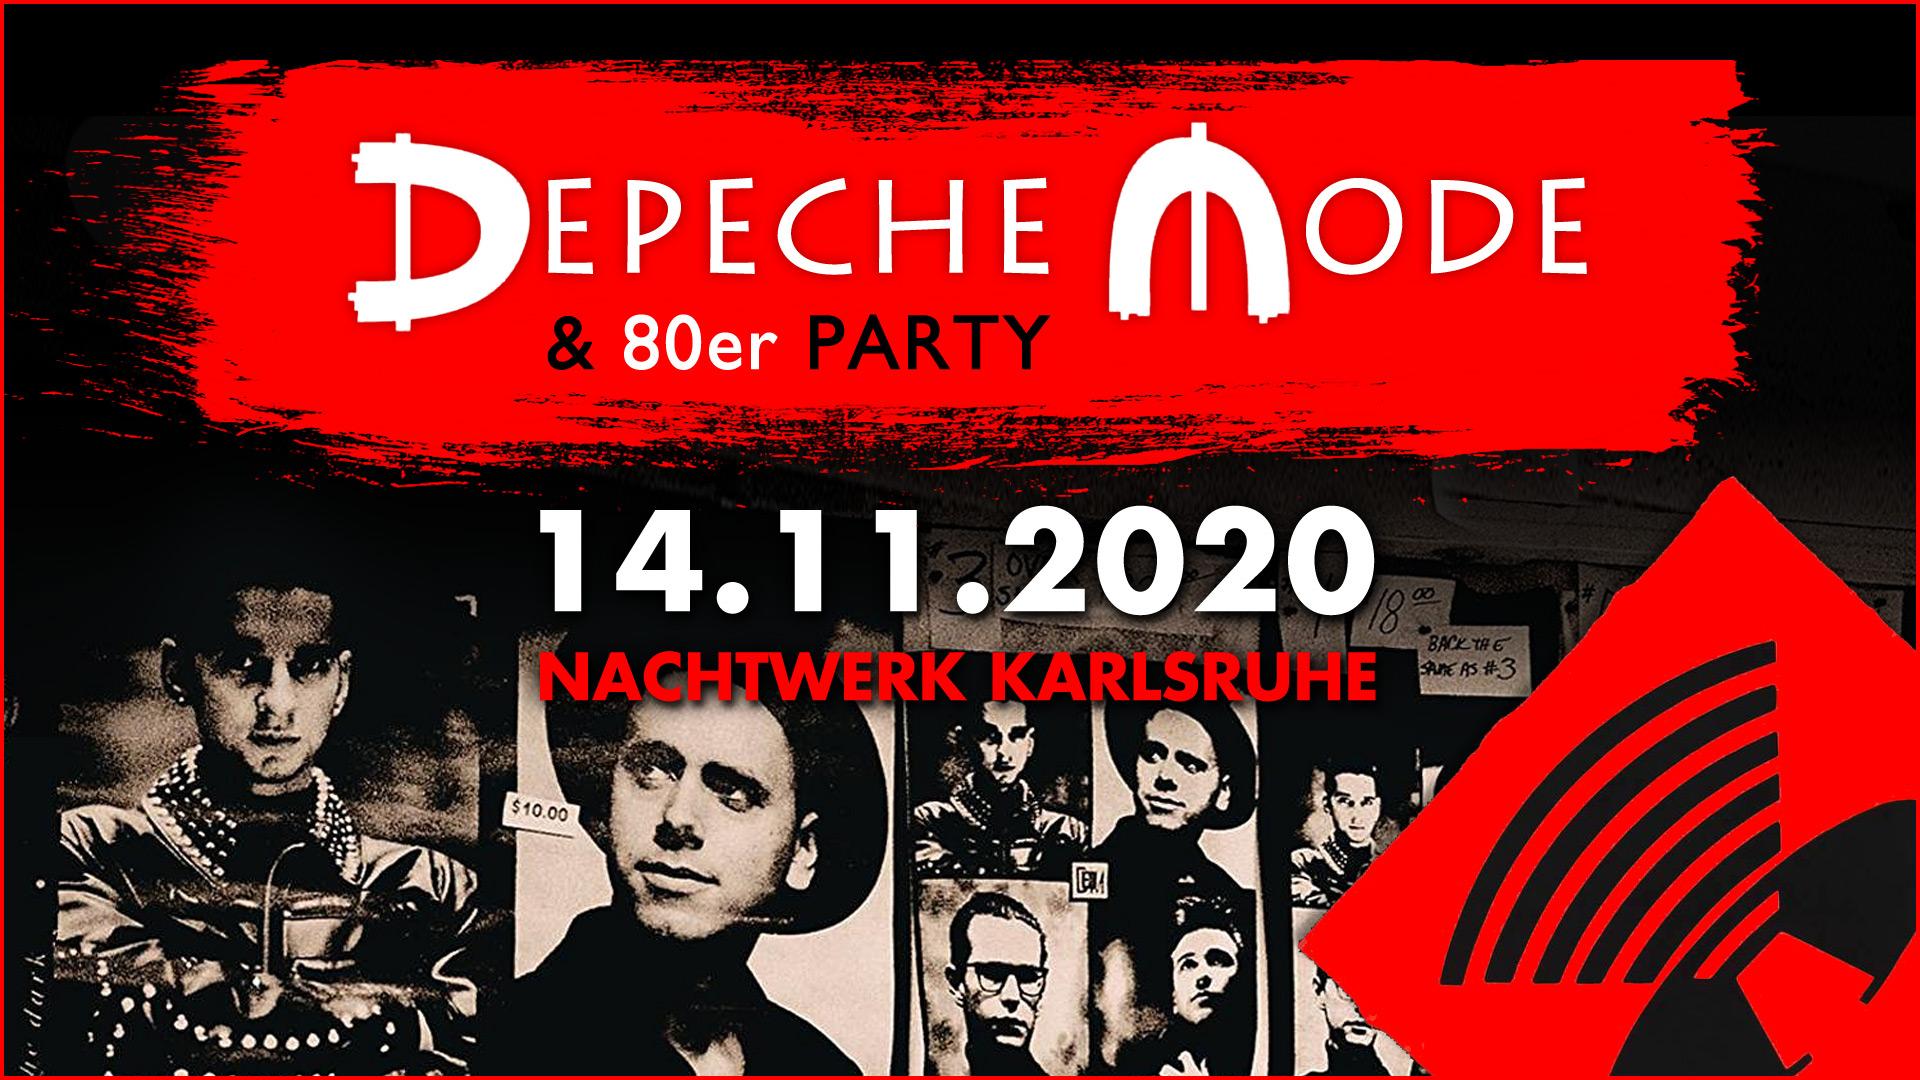 Die Depeche Mode & 80er Party im Nachtwerk Karlsruhe mit DJ Gillian. Die großartigen Songs von Depeche Mode, die kultigsten Hits aus den 80ern und die beliebtesten Pop & Wave Klassiker.